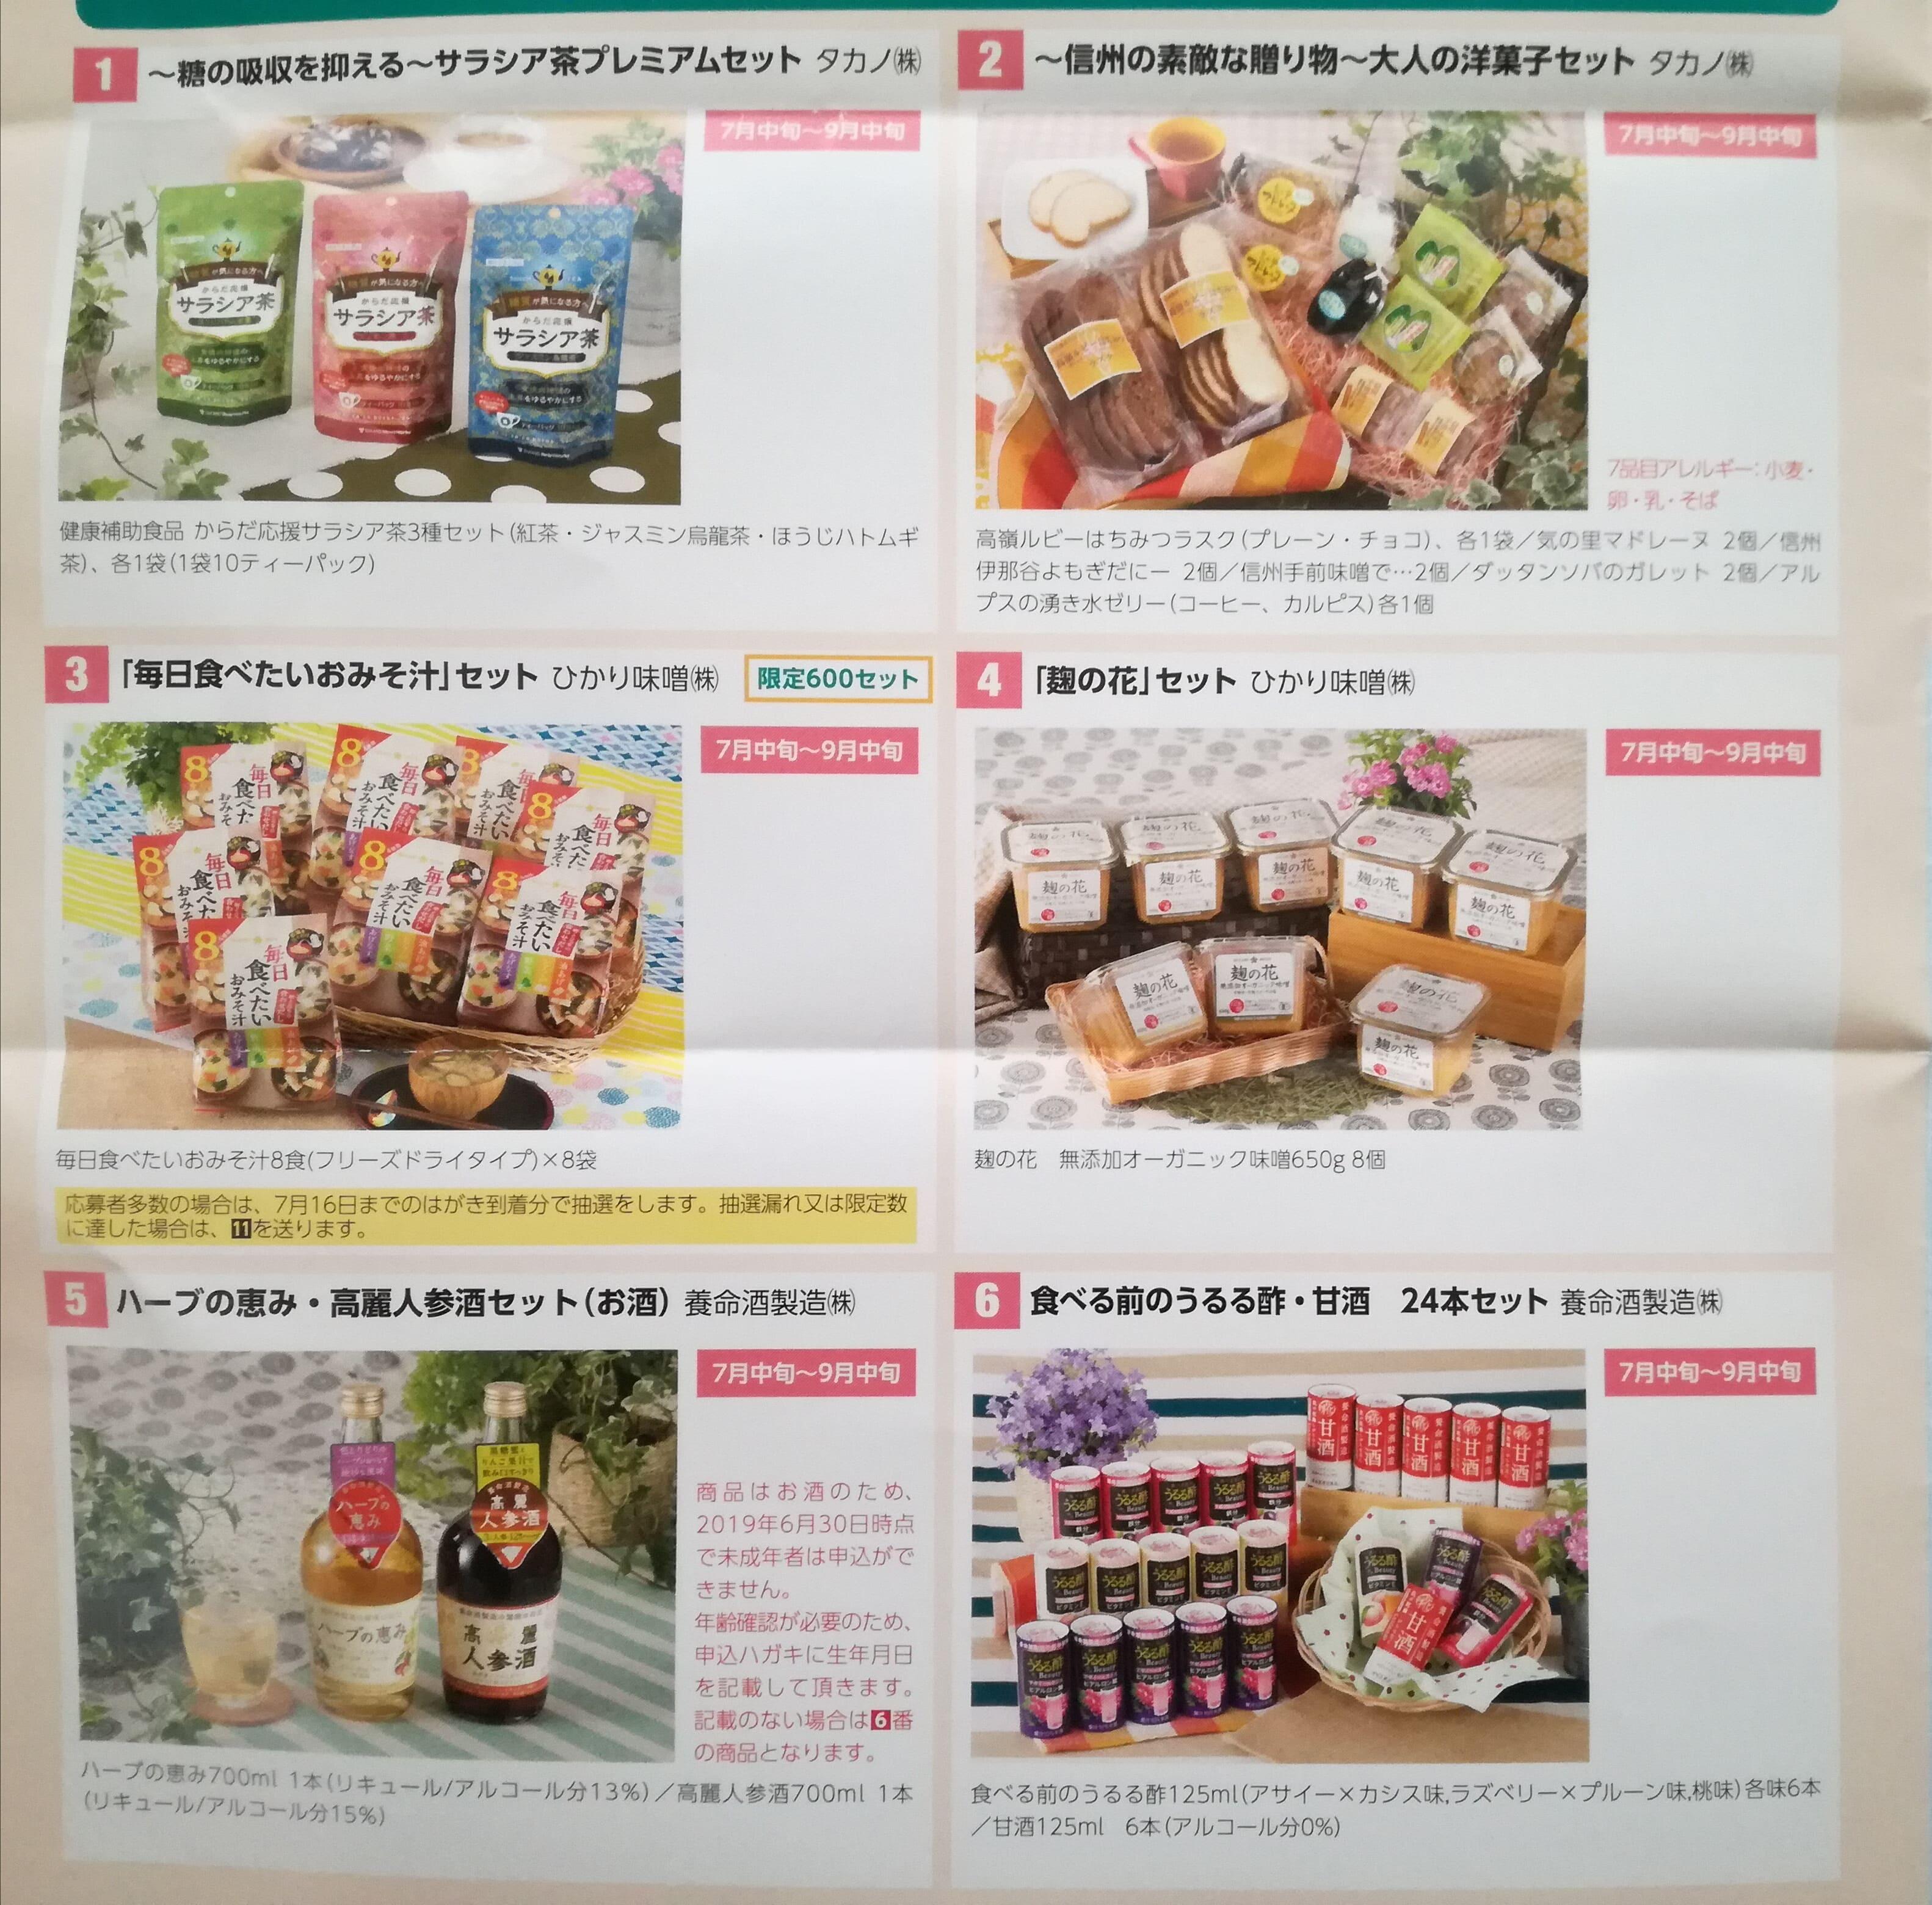 ヤマウラ(1780)の株主優待案内が2名義分到着!長野県の地場商品から選べます!